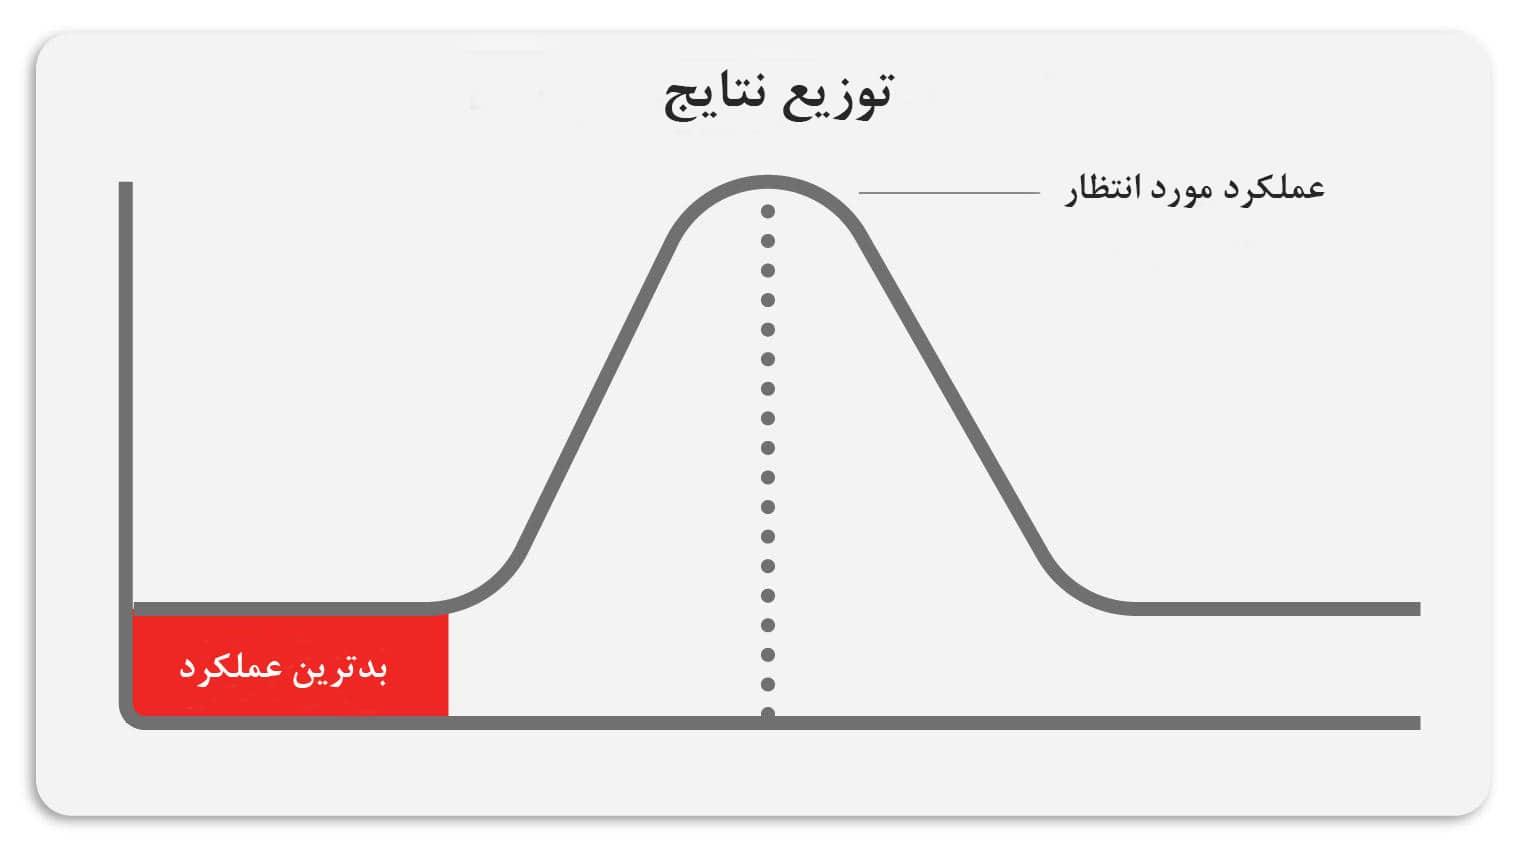 منحنی مدیریت ریسک استراتژیک